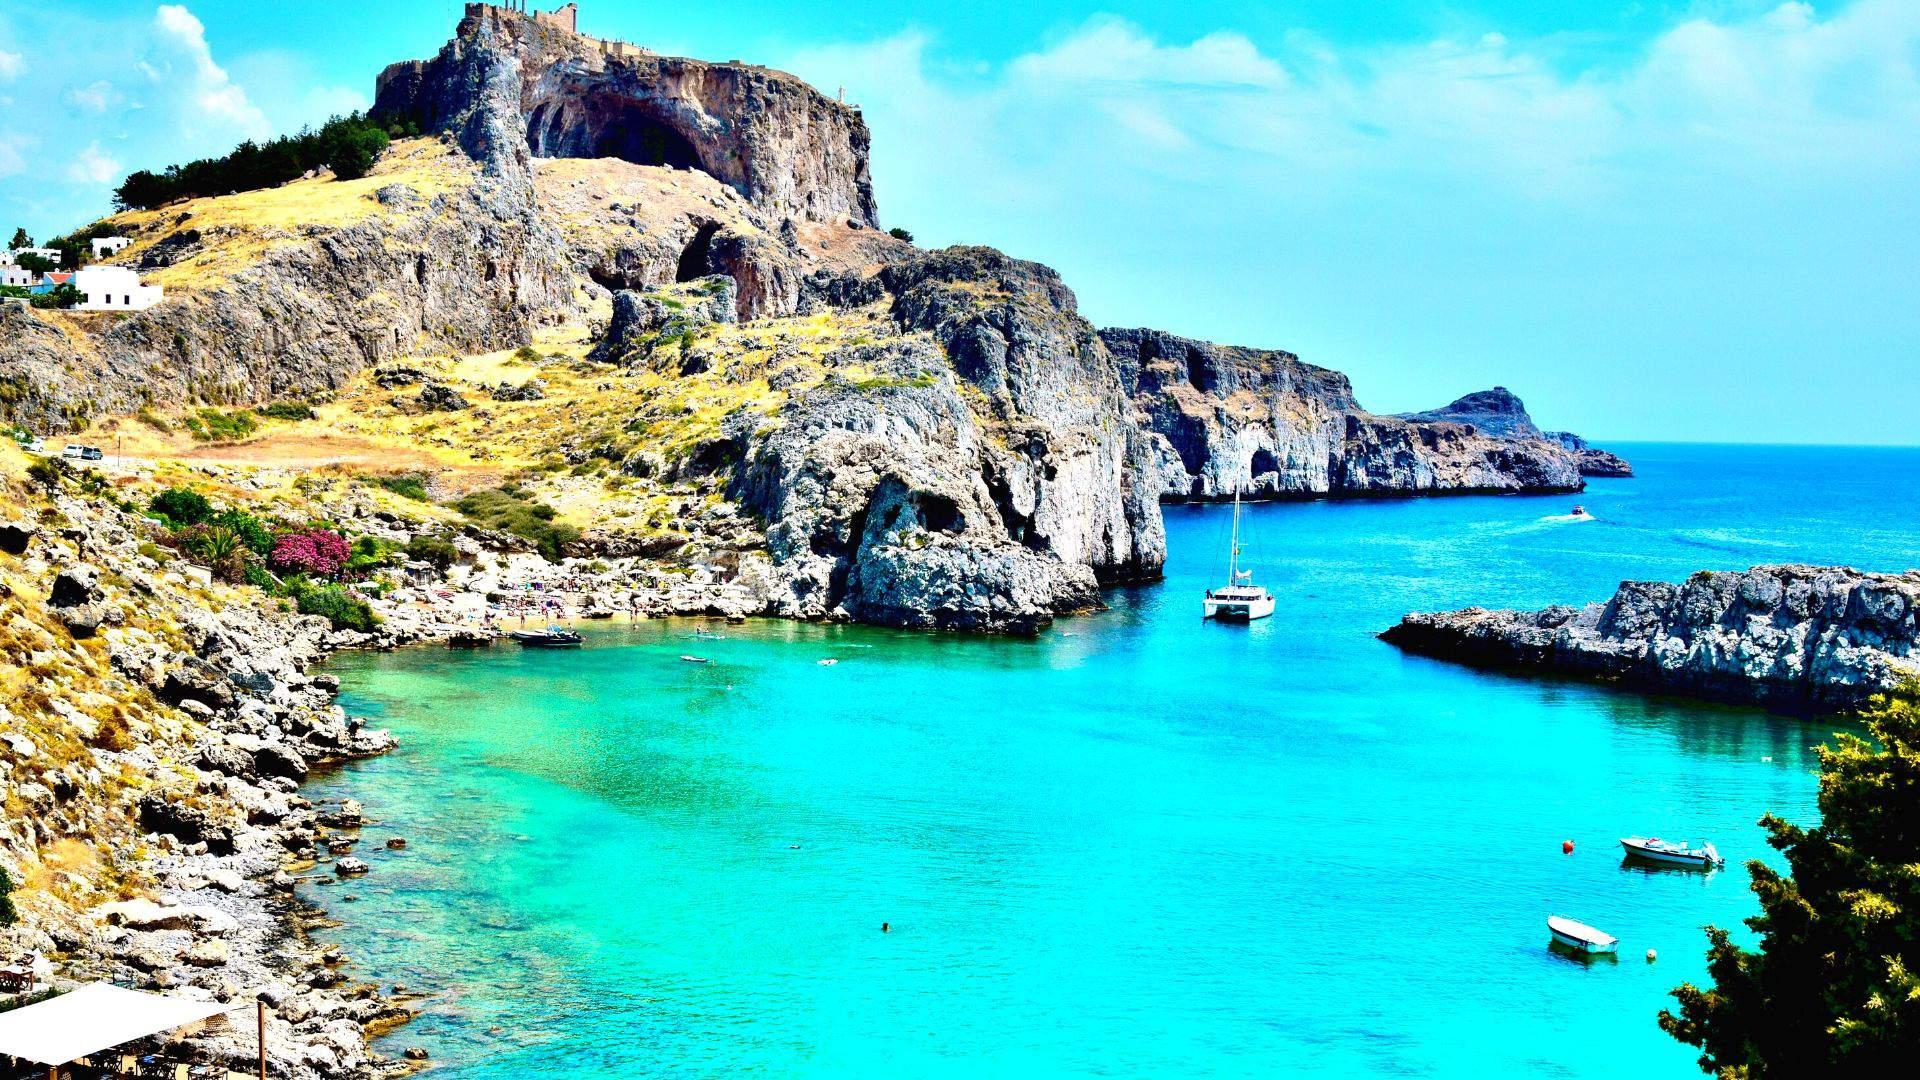 Rodo sala užburia nuostabia gamta ir kalvomis